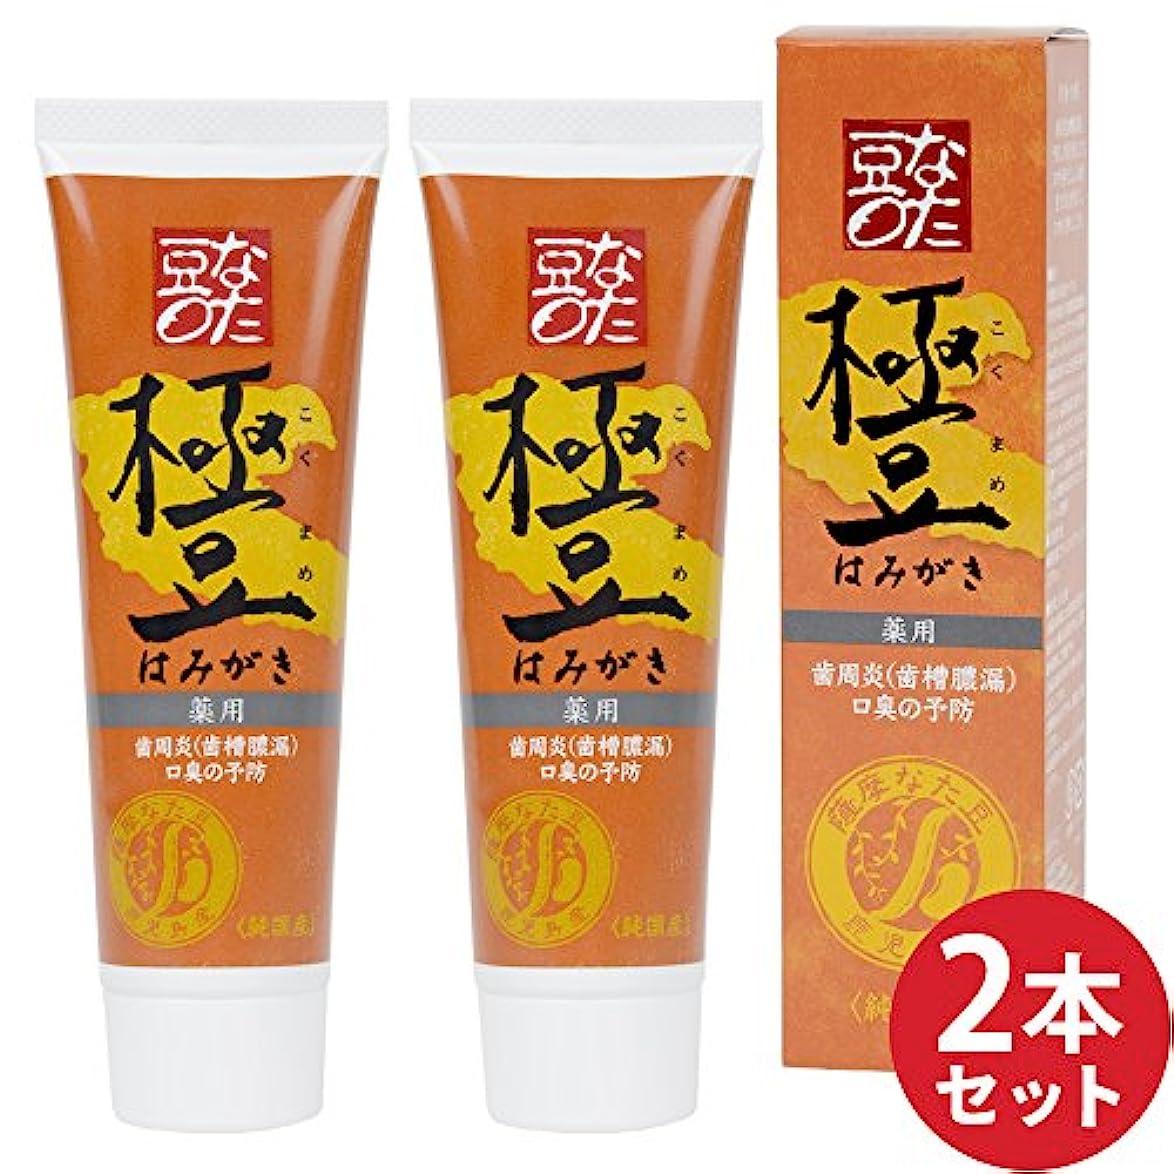 固執ポテト苦行2本セット【薬用】薩摩なた豆歯磨き(内容量:110g×2)